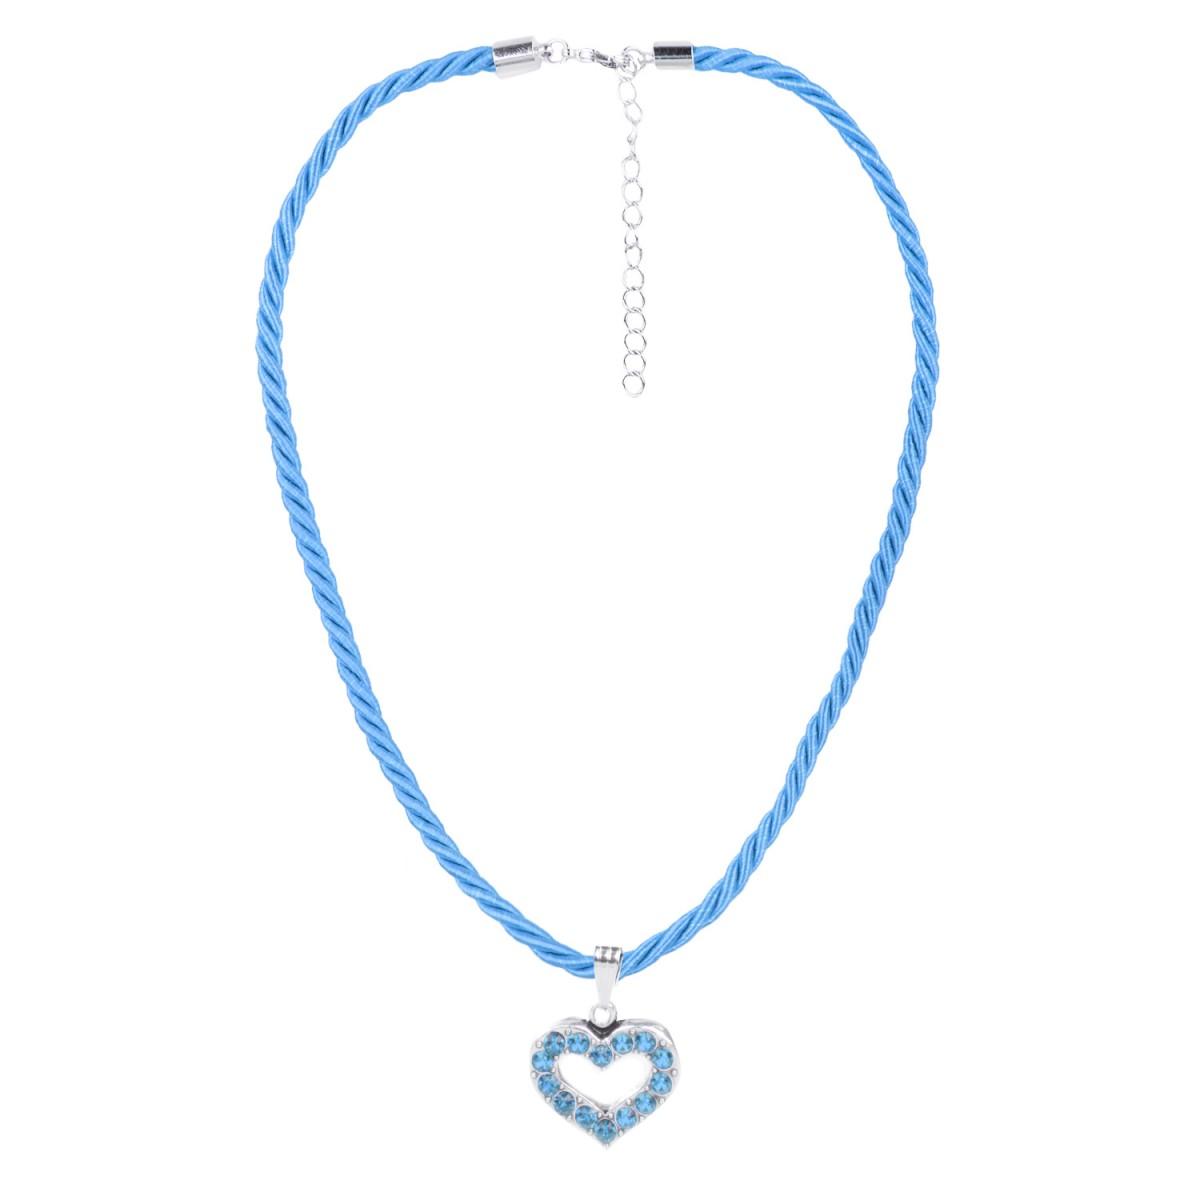 Halskette mit Herzanhänger in Hellblau von Schlick Accessoires günstig online kaufen